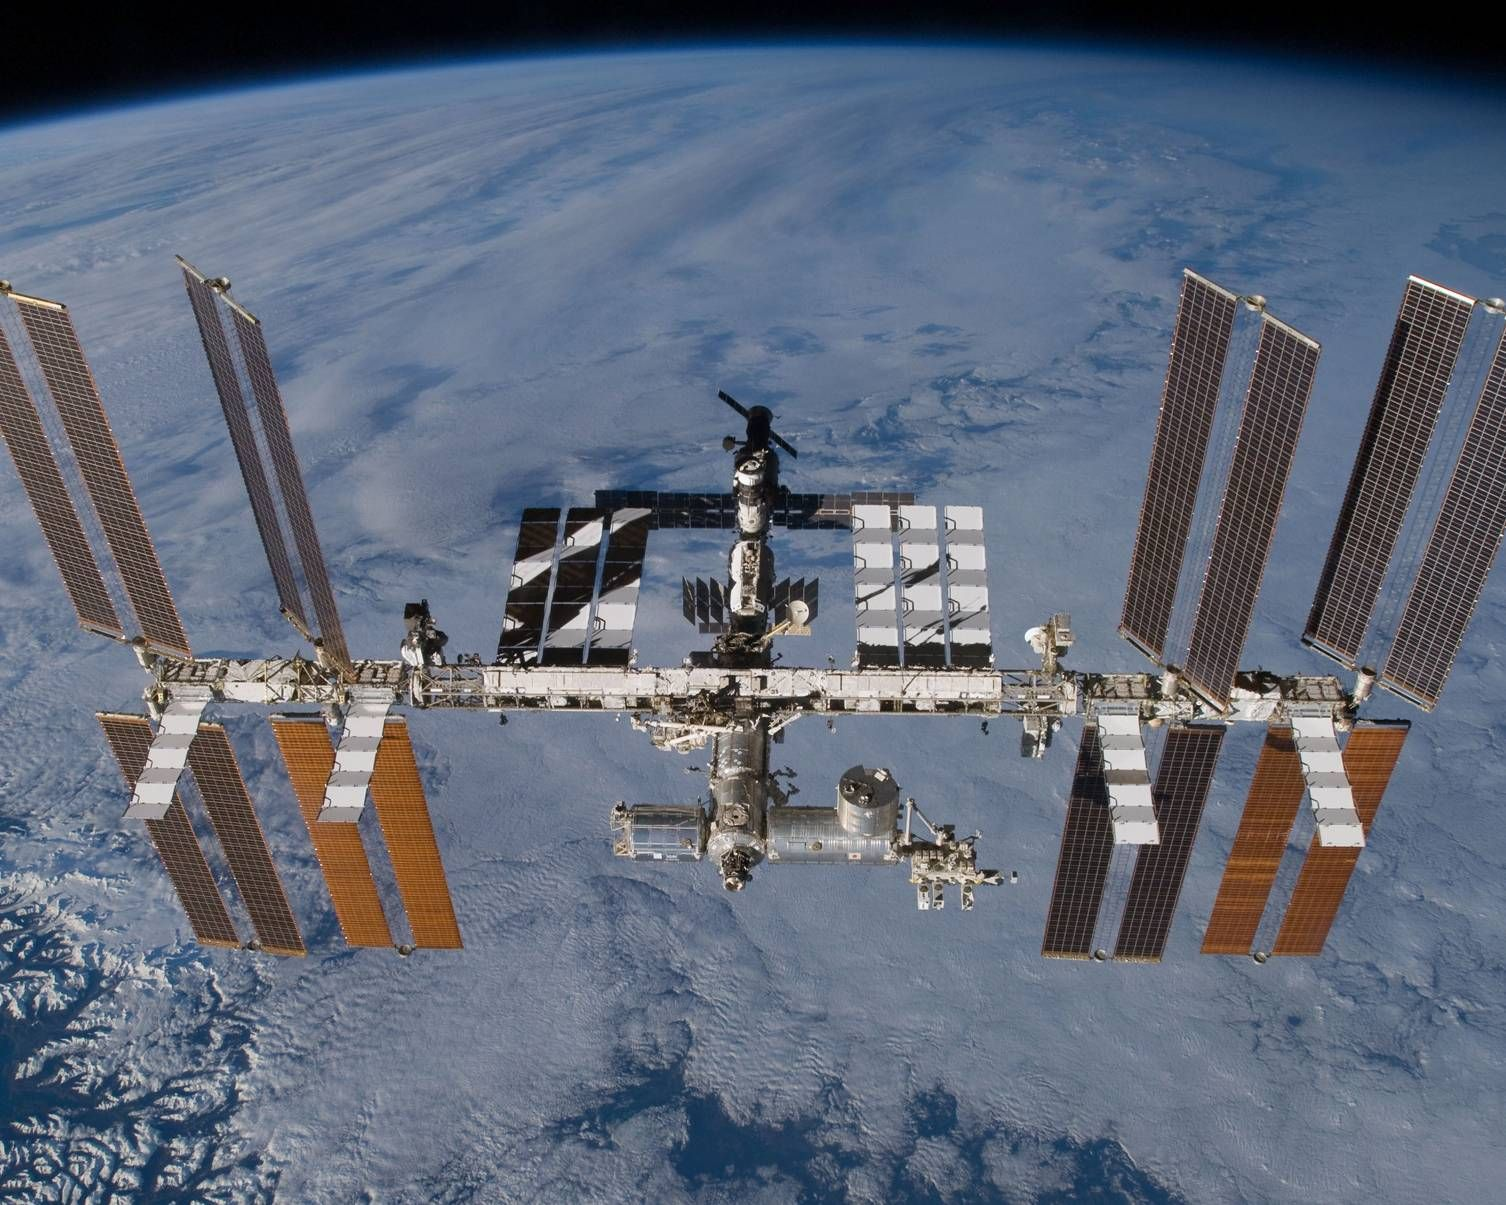 国际空间站2024年或退役,NASA想延长再用商业的接替